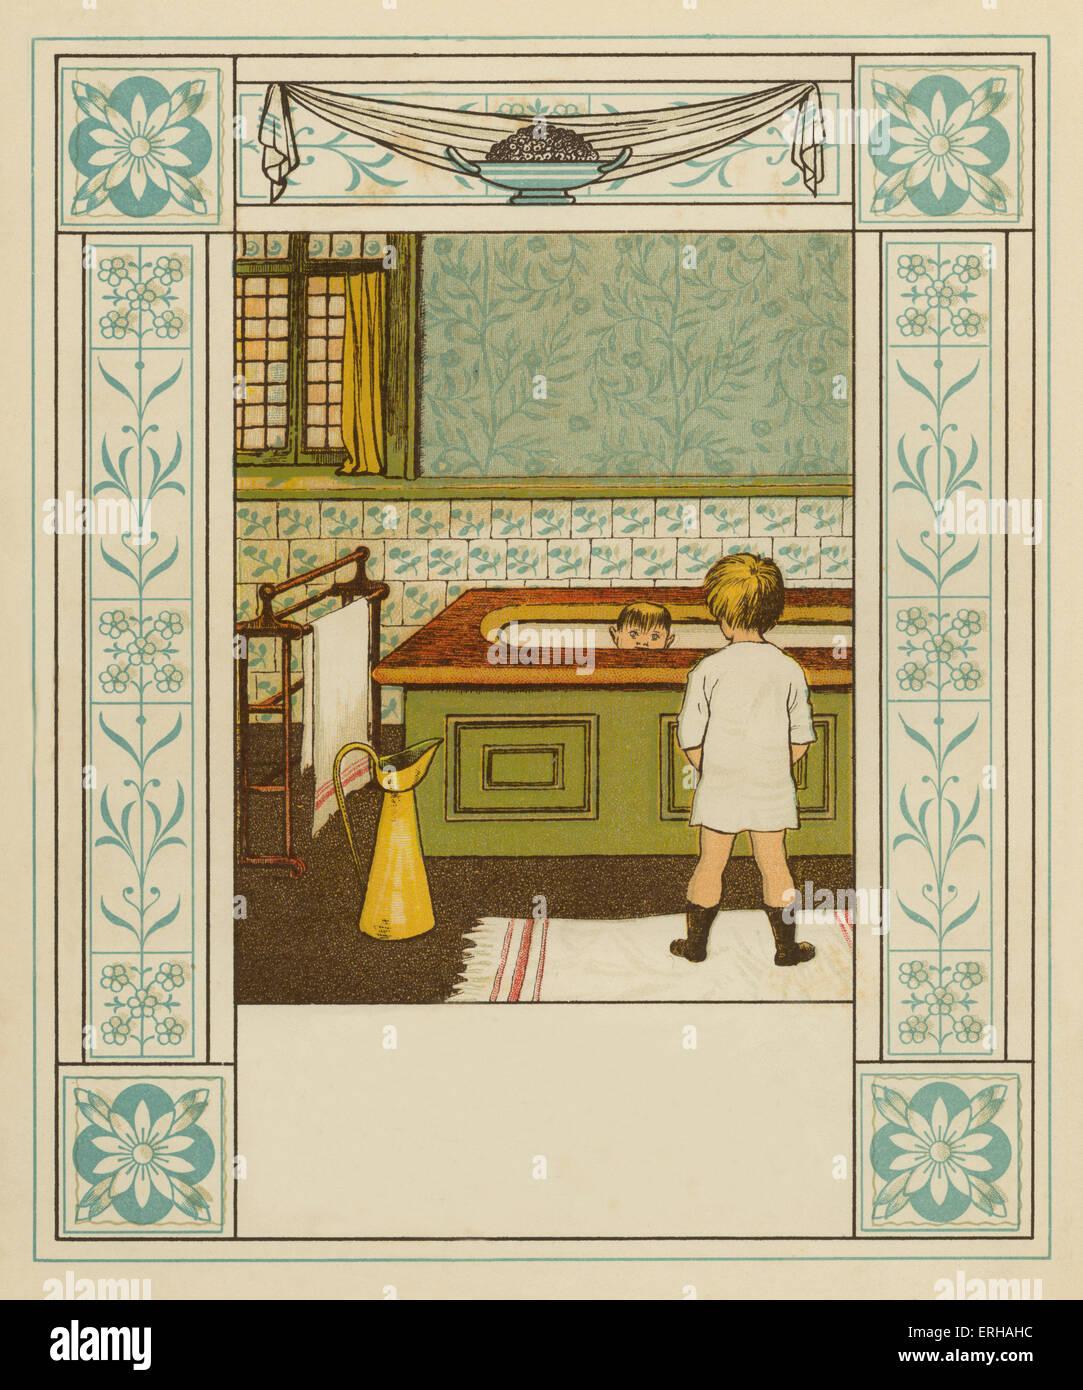 Due fratelli vittoriano in bagno, dopo una illustrazione di J.G. Sowerby. Il fratello più giovane si siede Immagini Stock